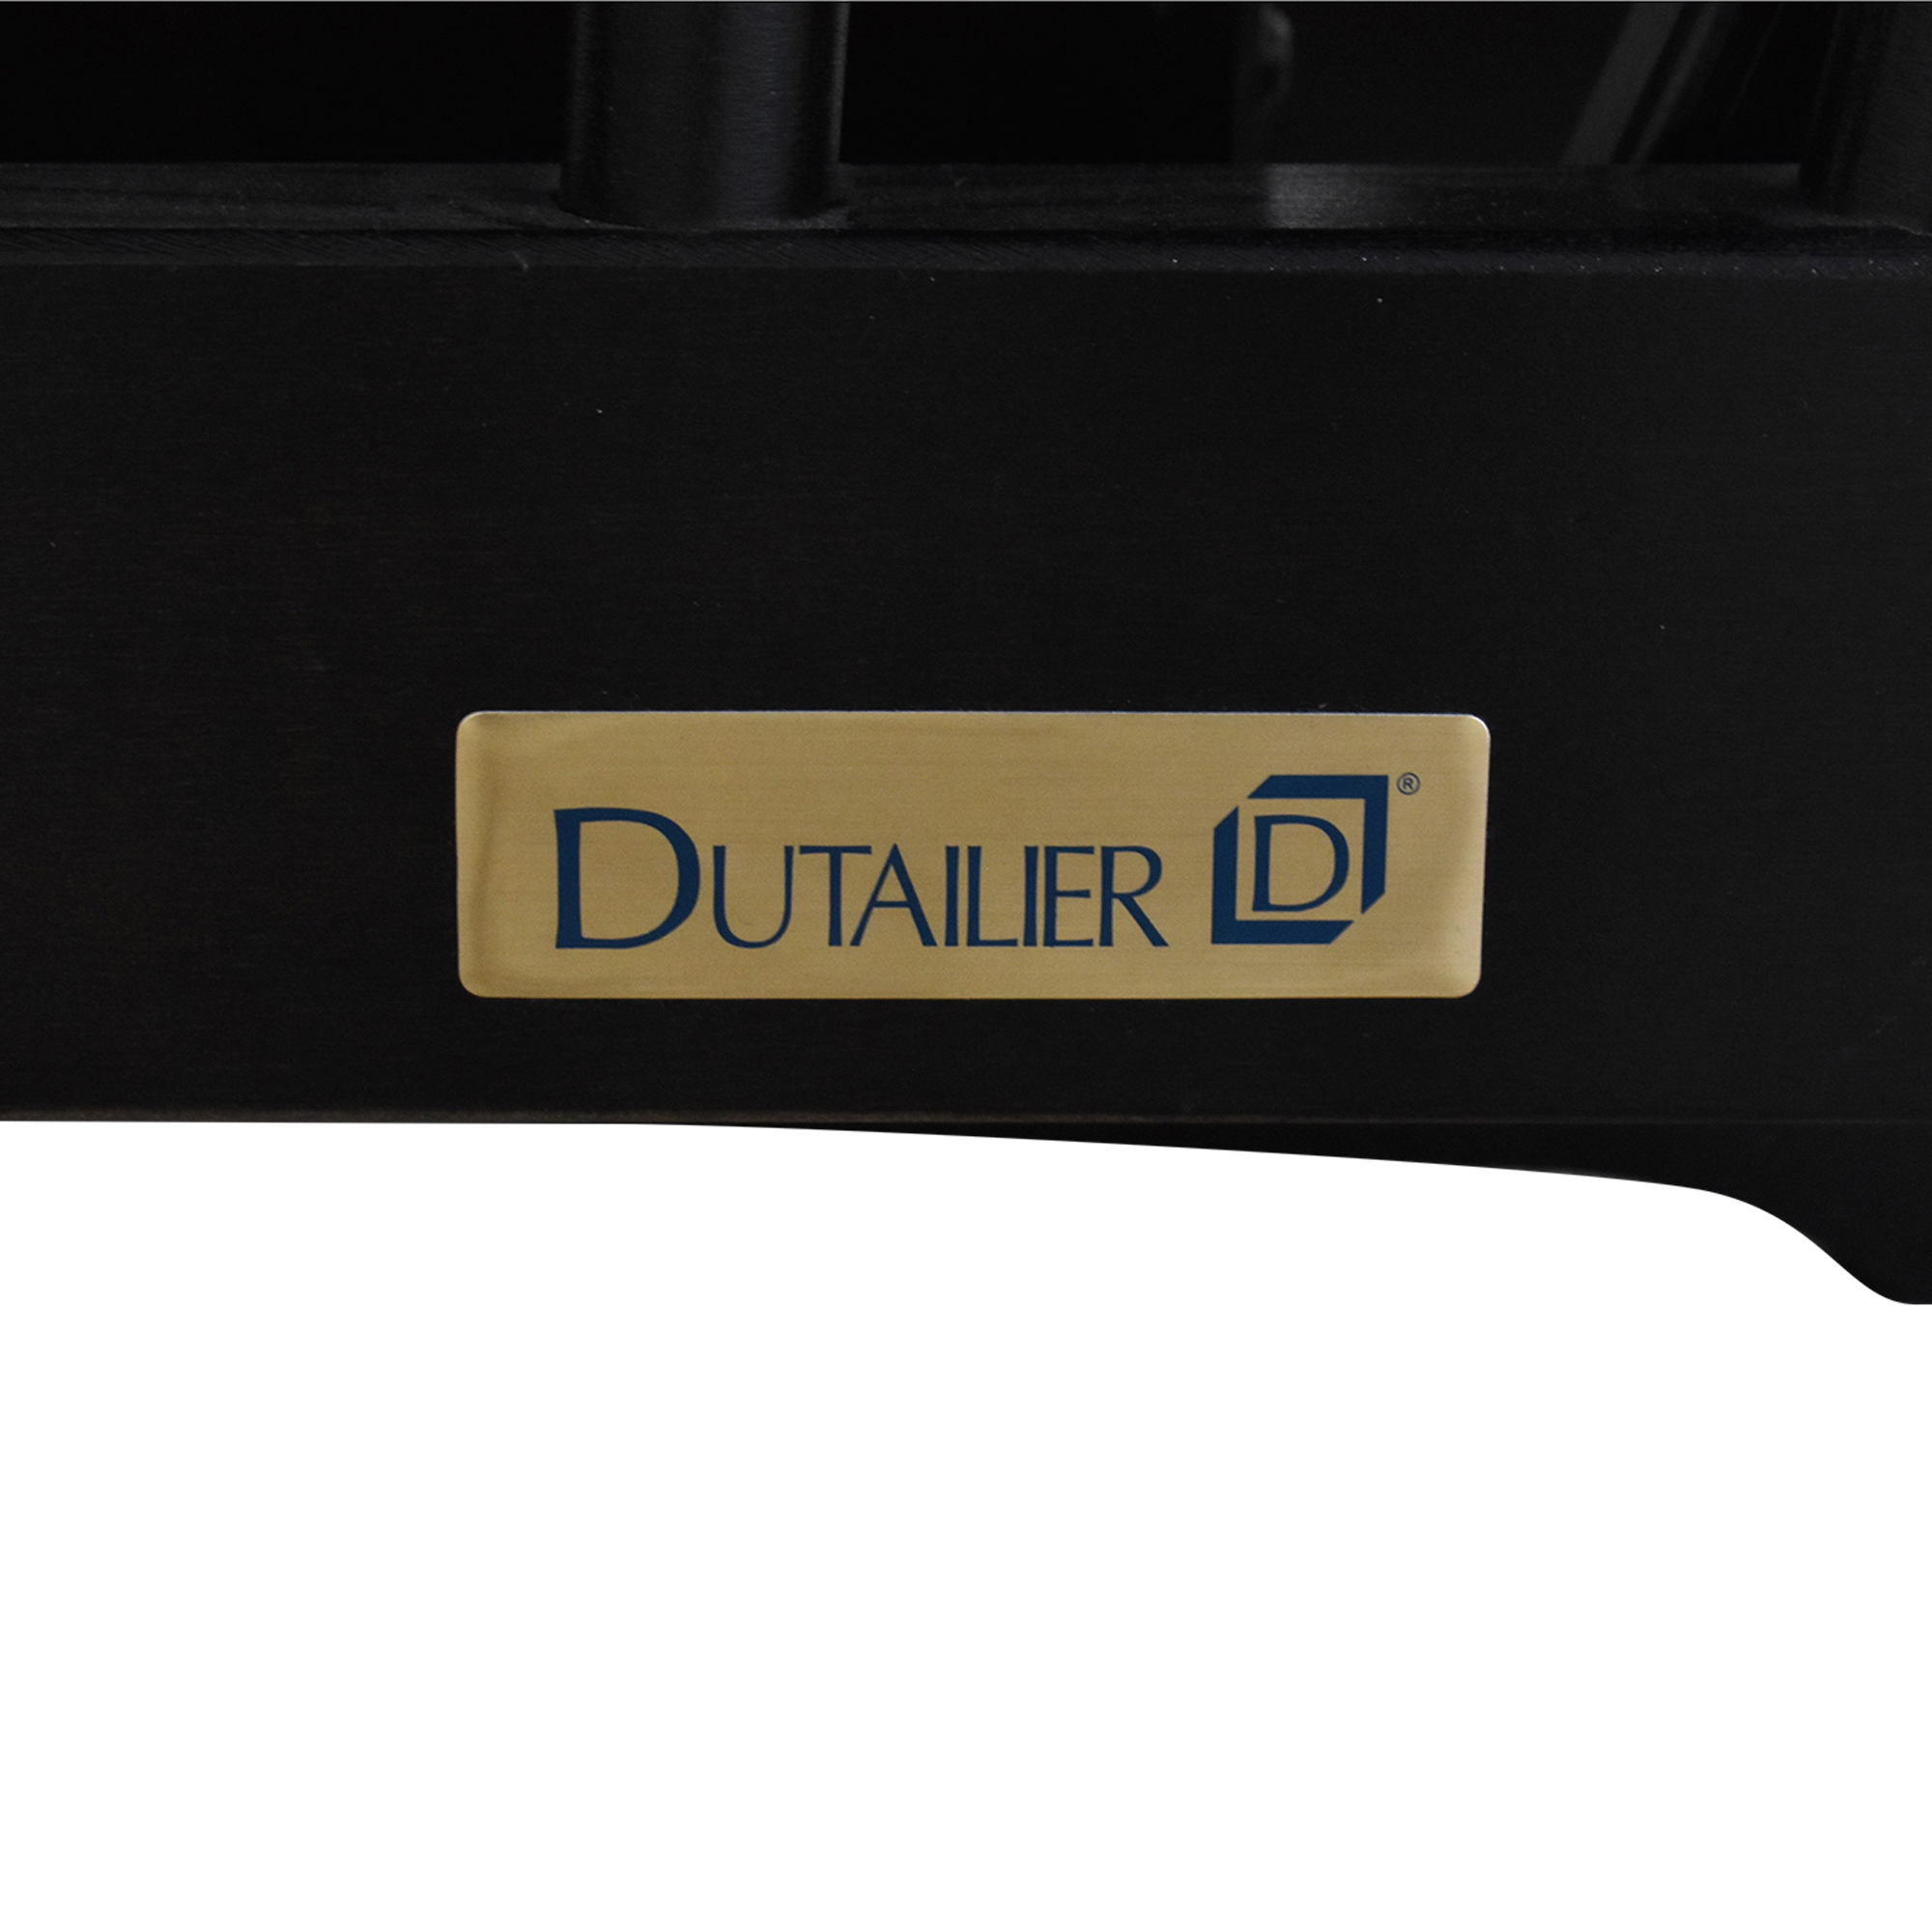 Dutailier Dutalier Rocking Chair and Ottoman beige & black